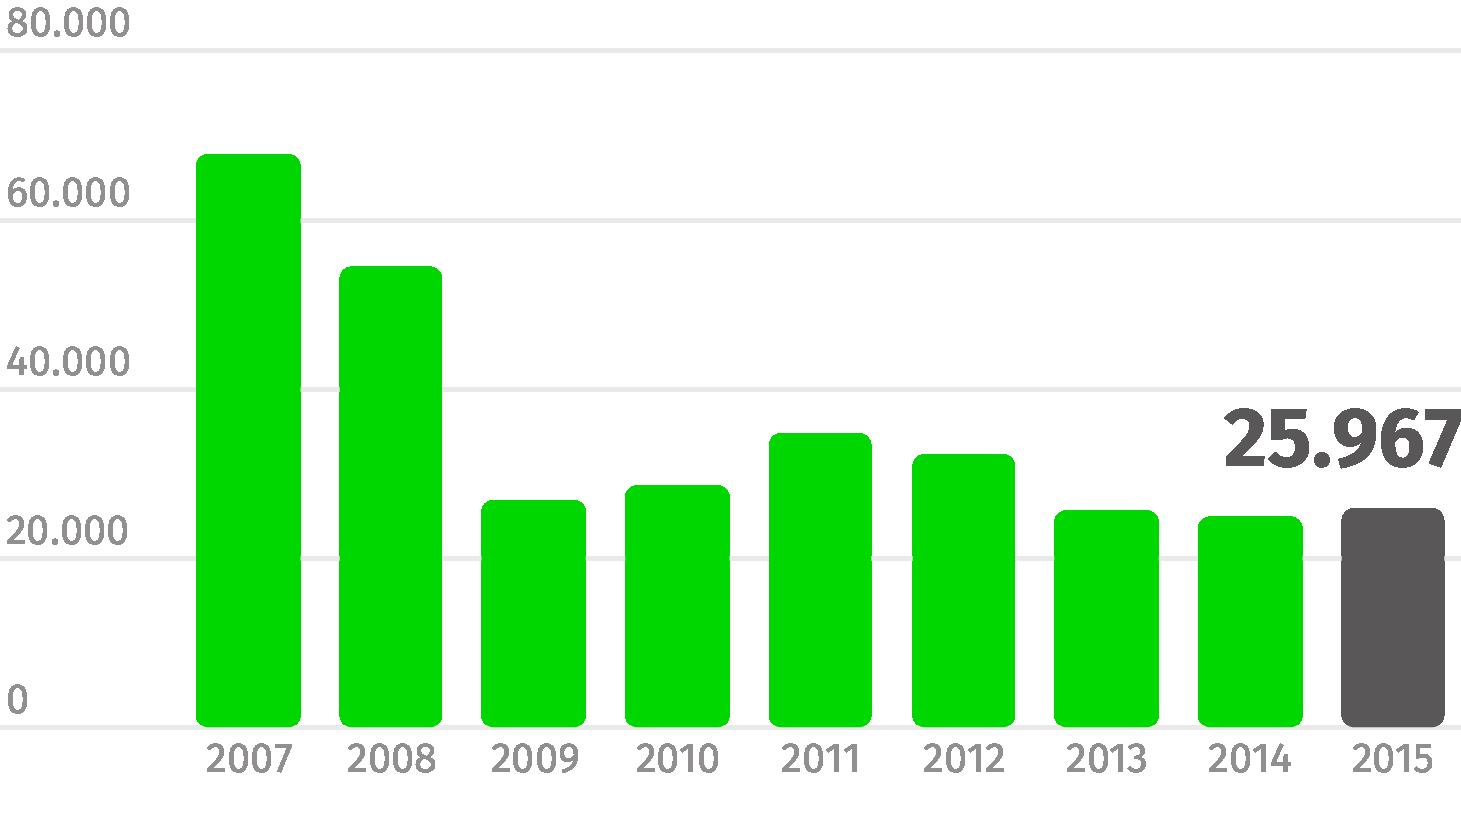 Fonte: Deutsche Bank (Evolução das receitas com juros, valores em milhões de euros)